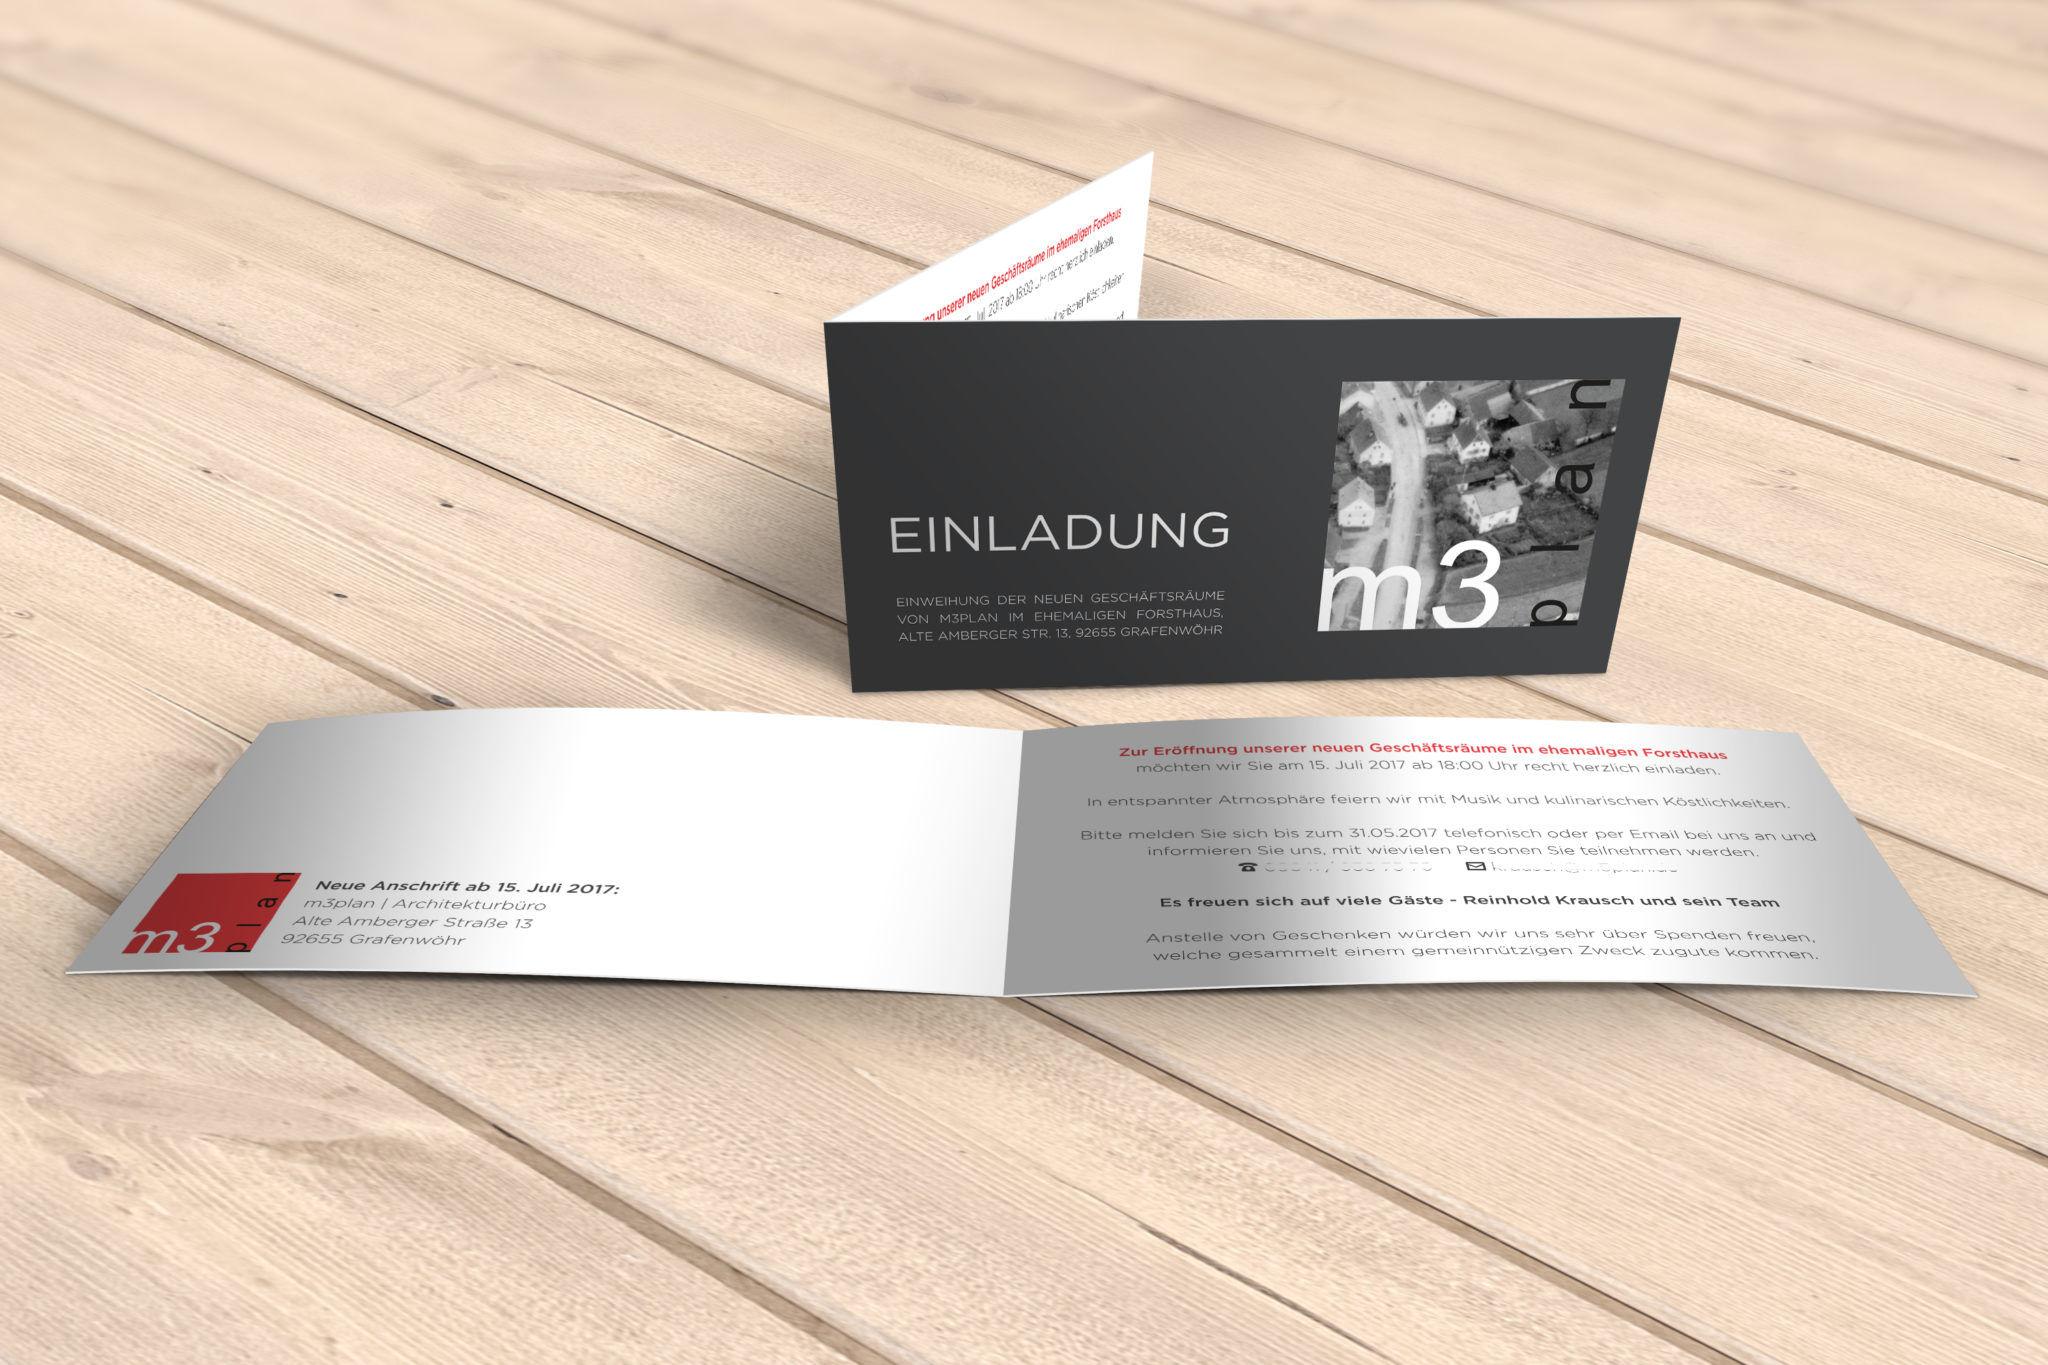 Einladung Krausch m3plan visualisiert